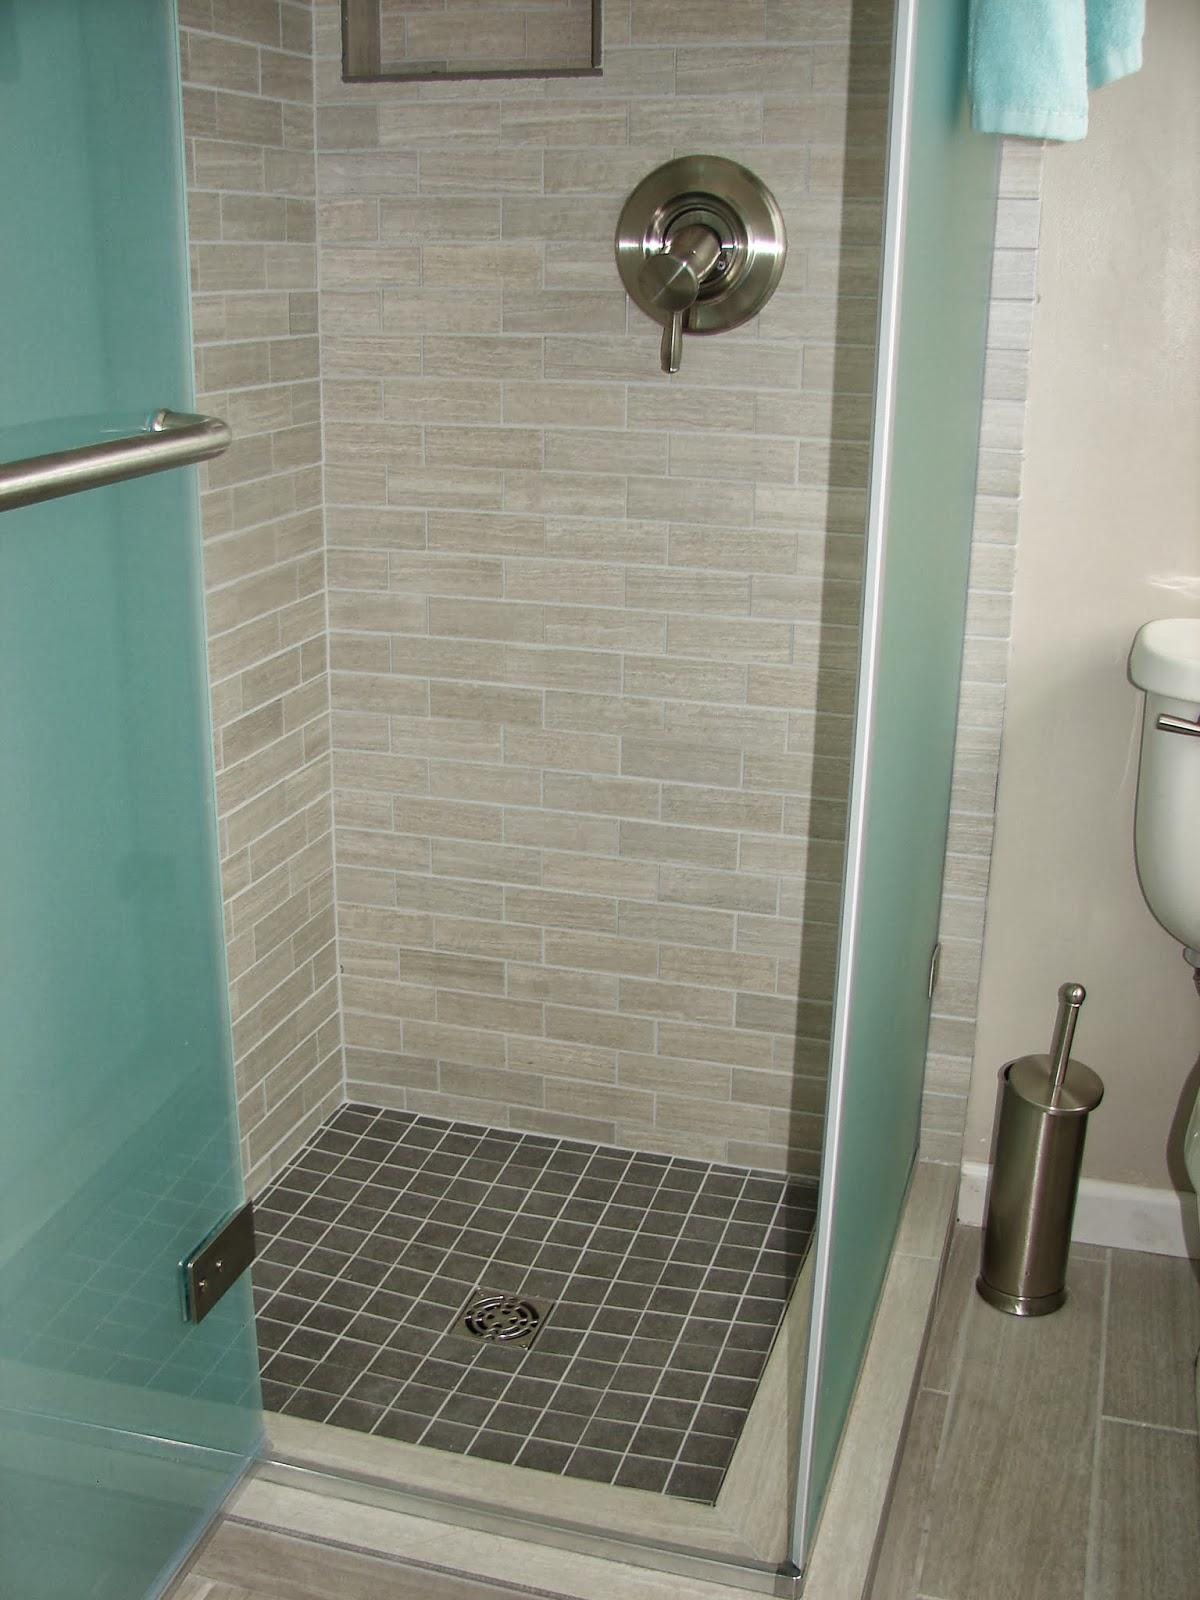 Leonia Silver Tile Bathroom  1500 Trend Home Design